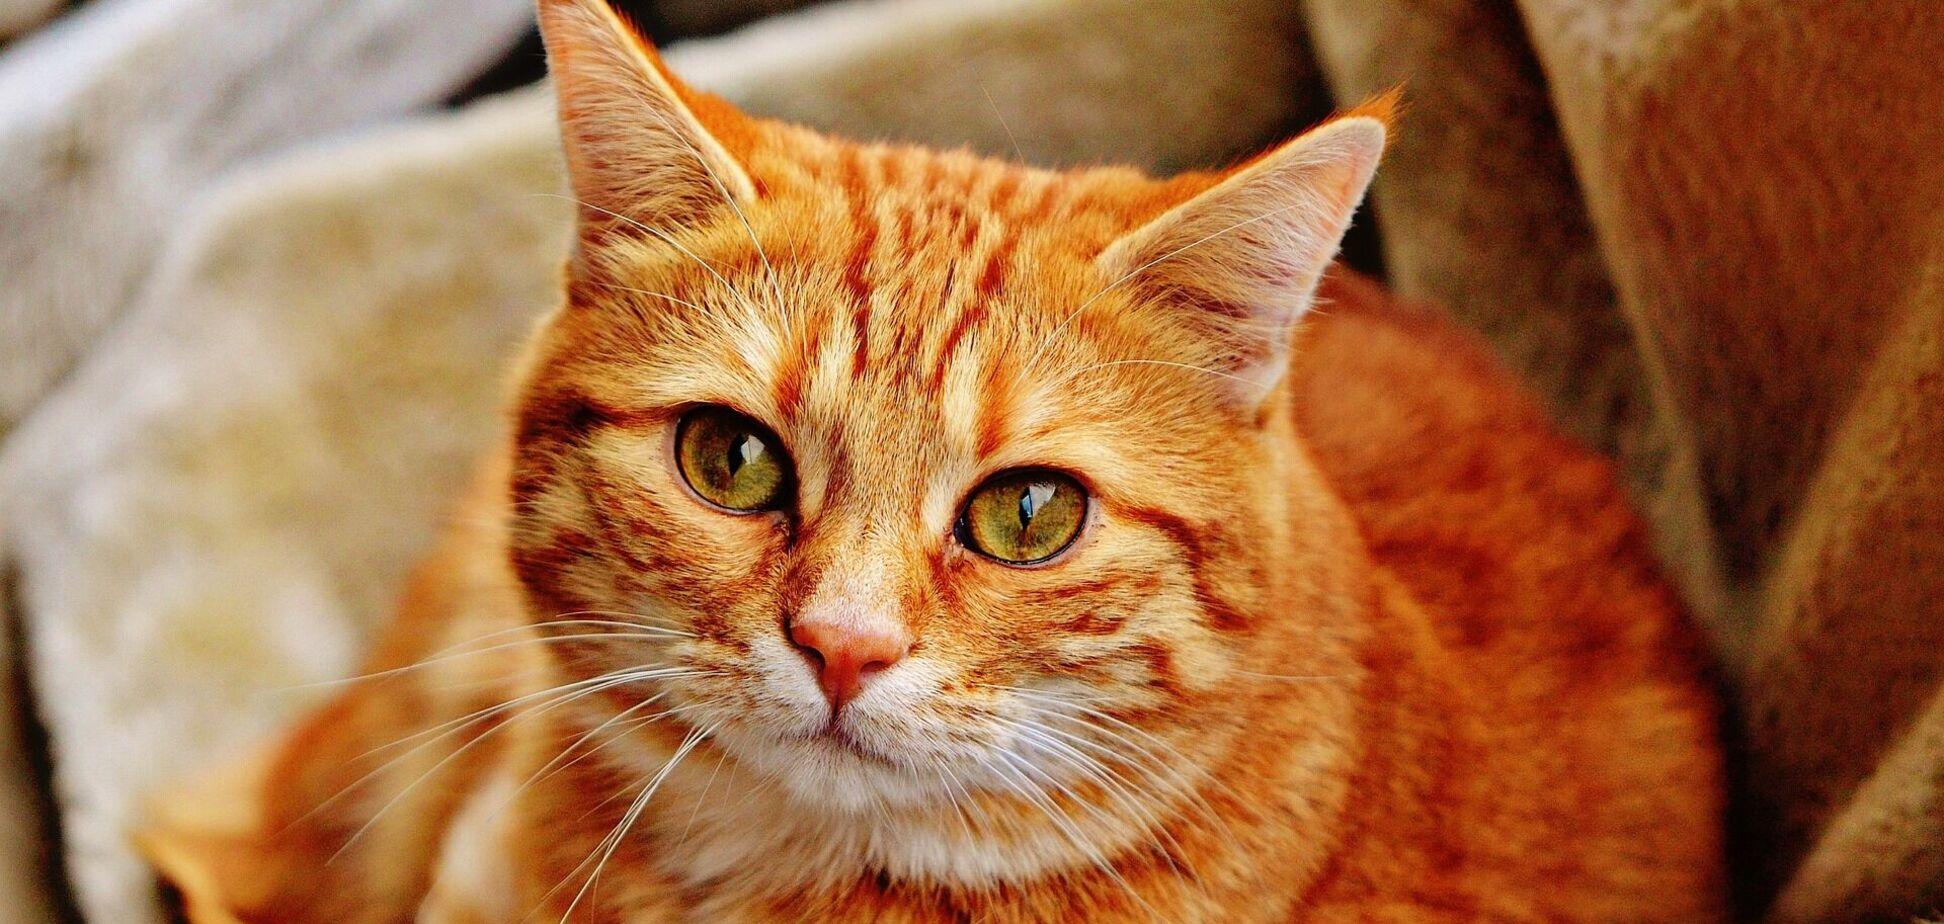 Вчені з'ясували, чому кішки починають різко носитися по будинку